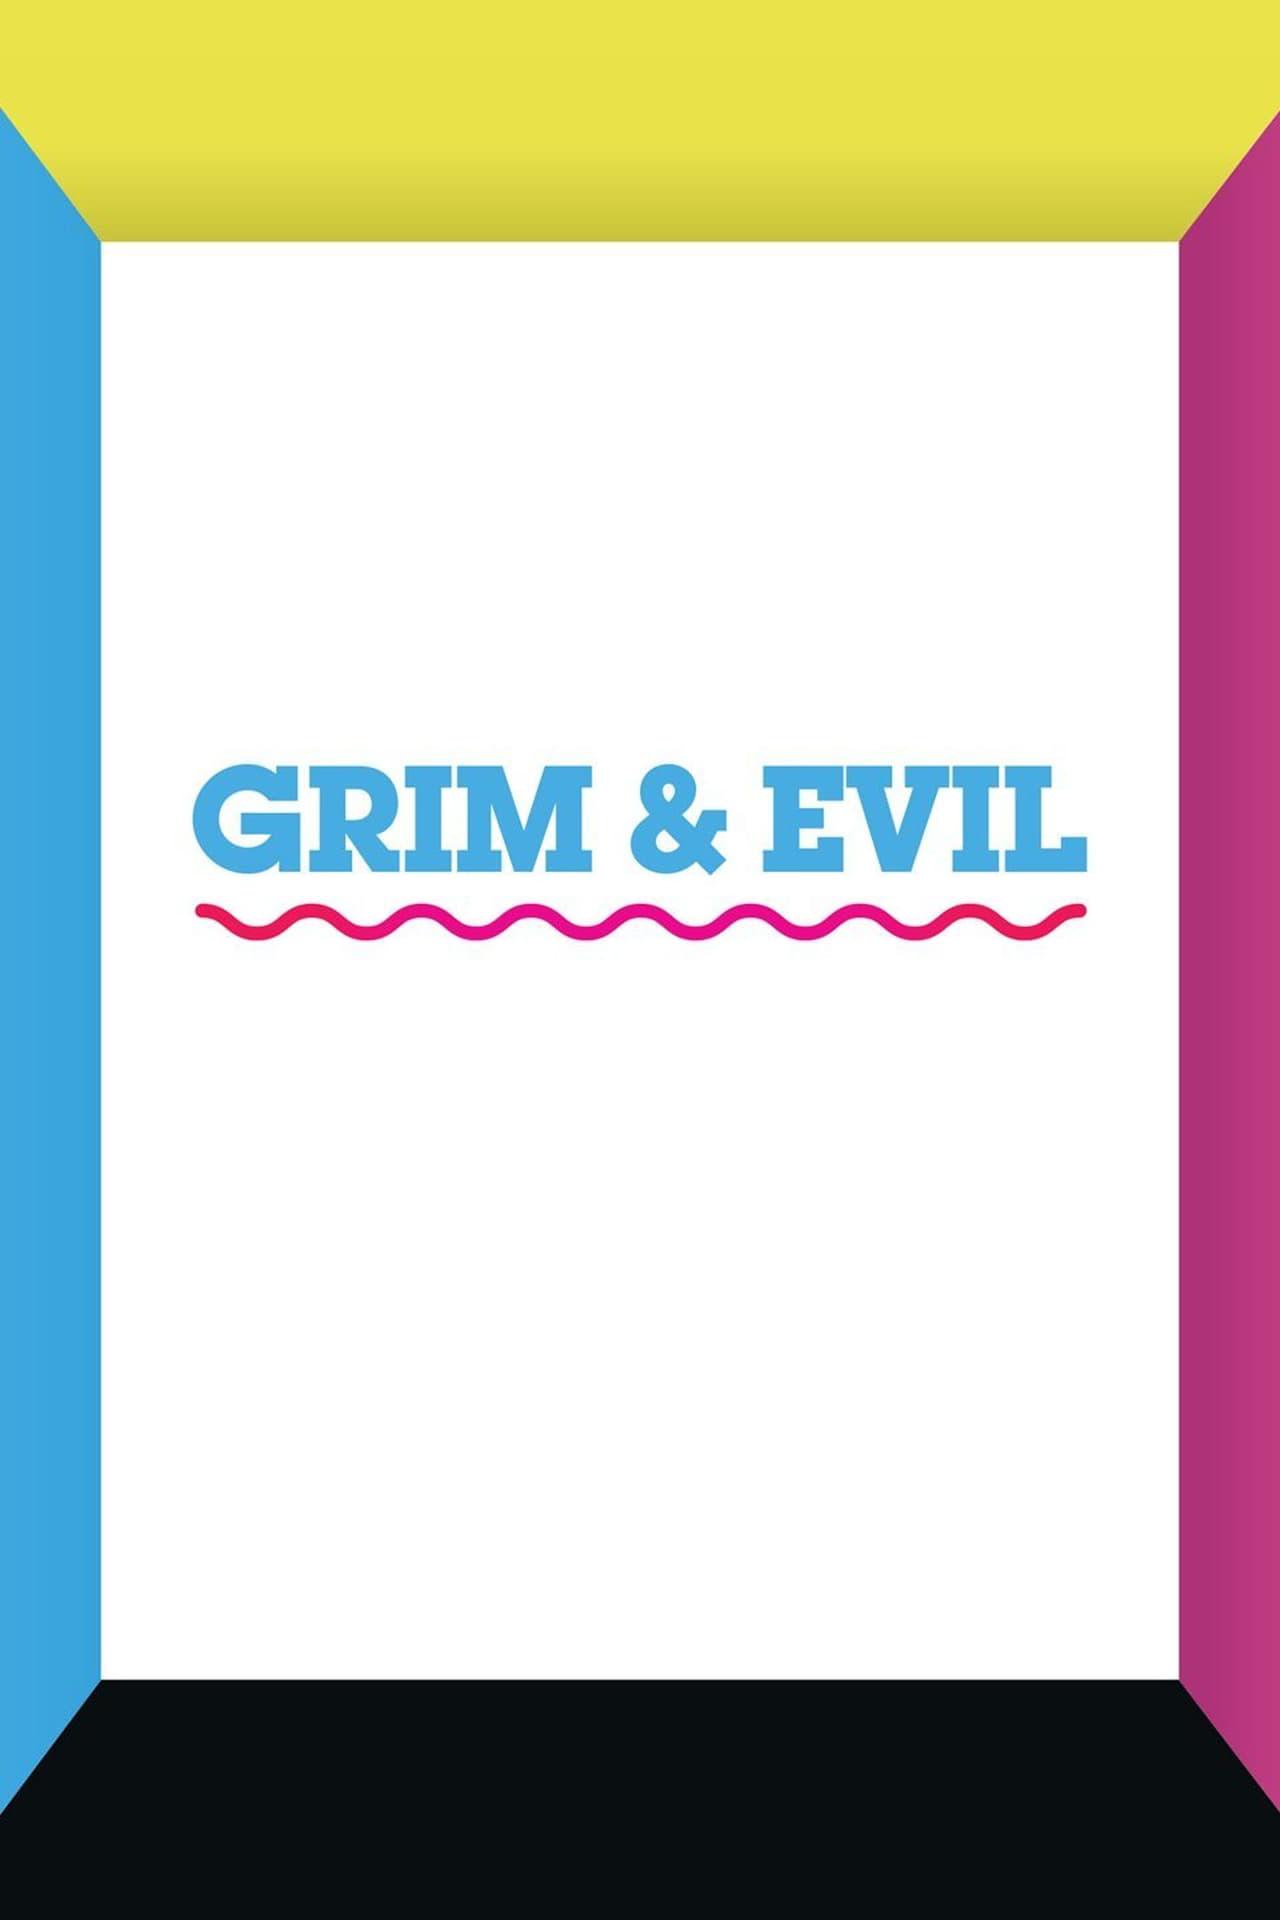 Grim & Evil